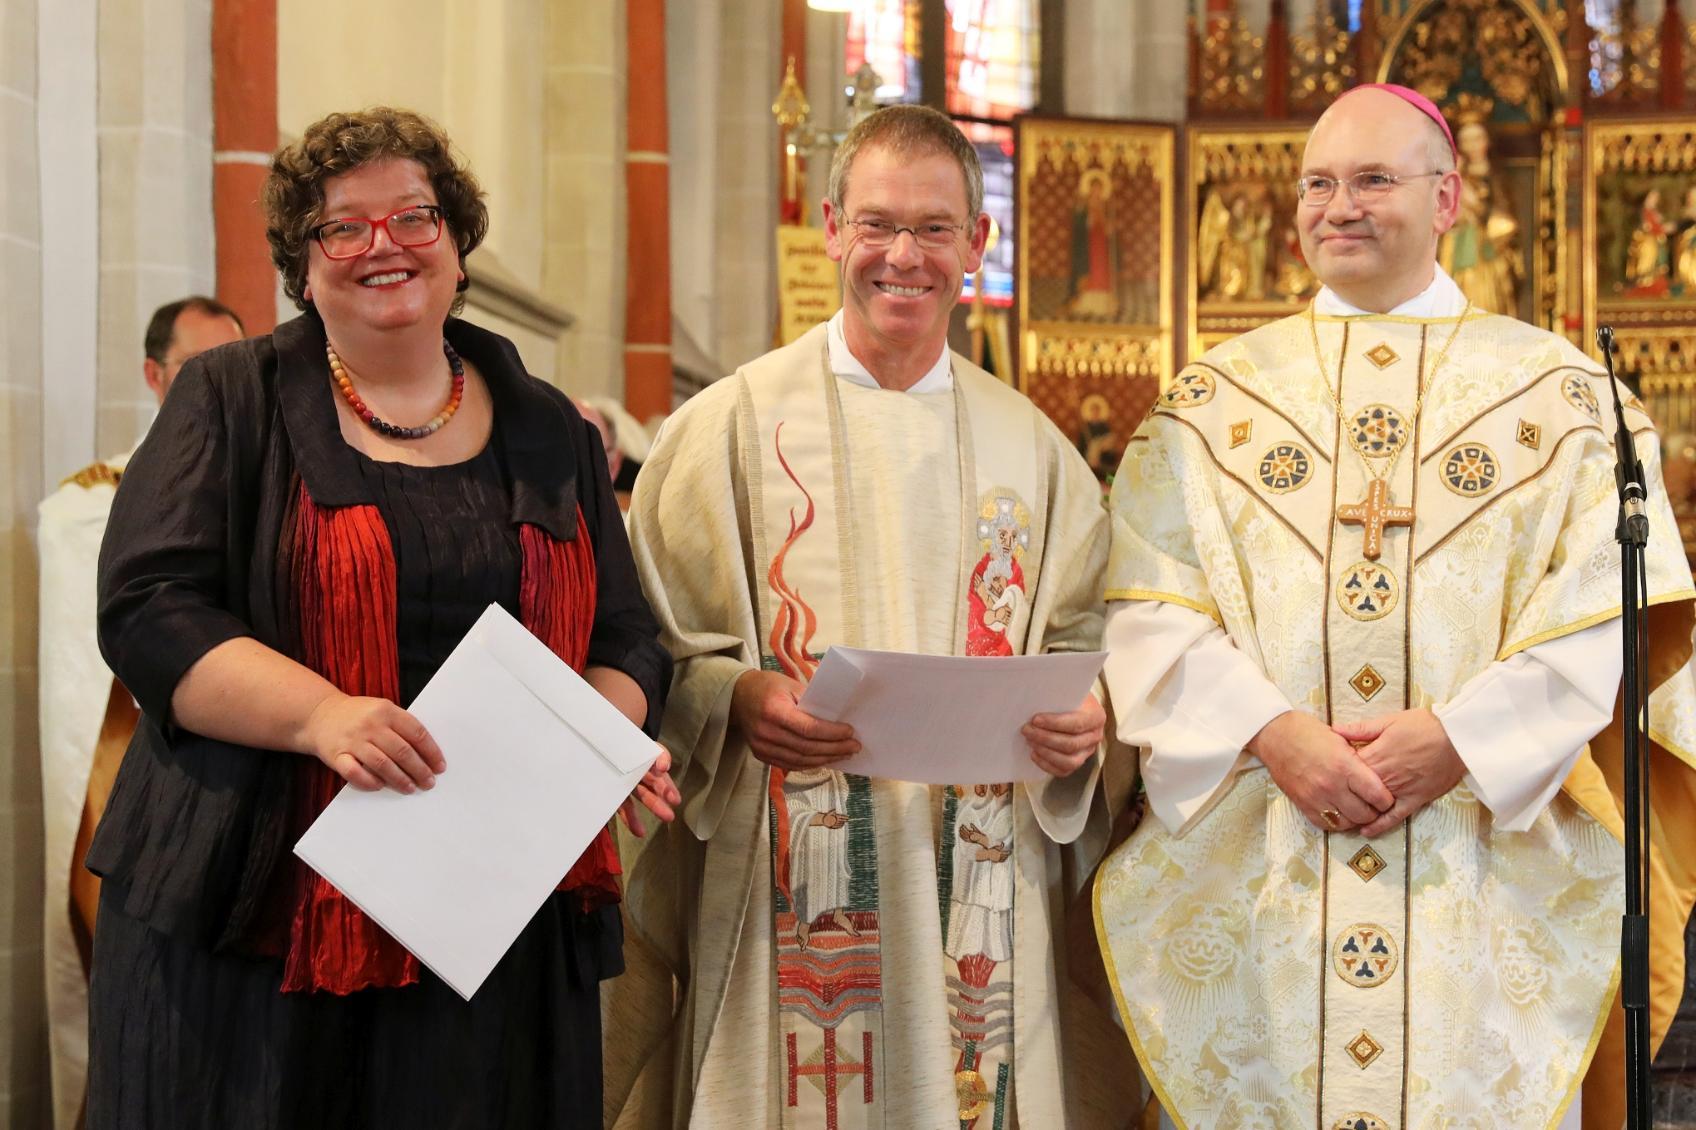 Einführung Regionalteam Kempen-Viersen (c) Bistum Aachen / Andreas Steindl